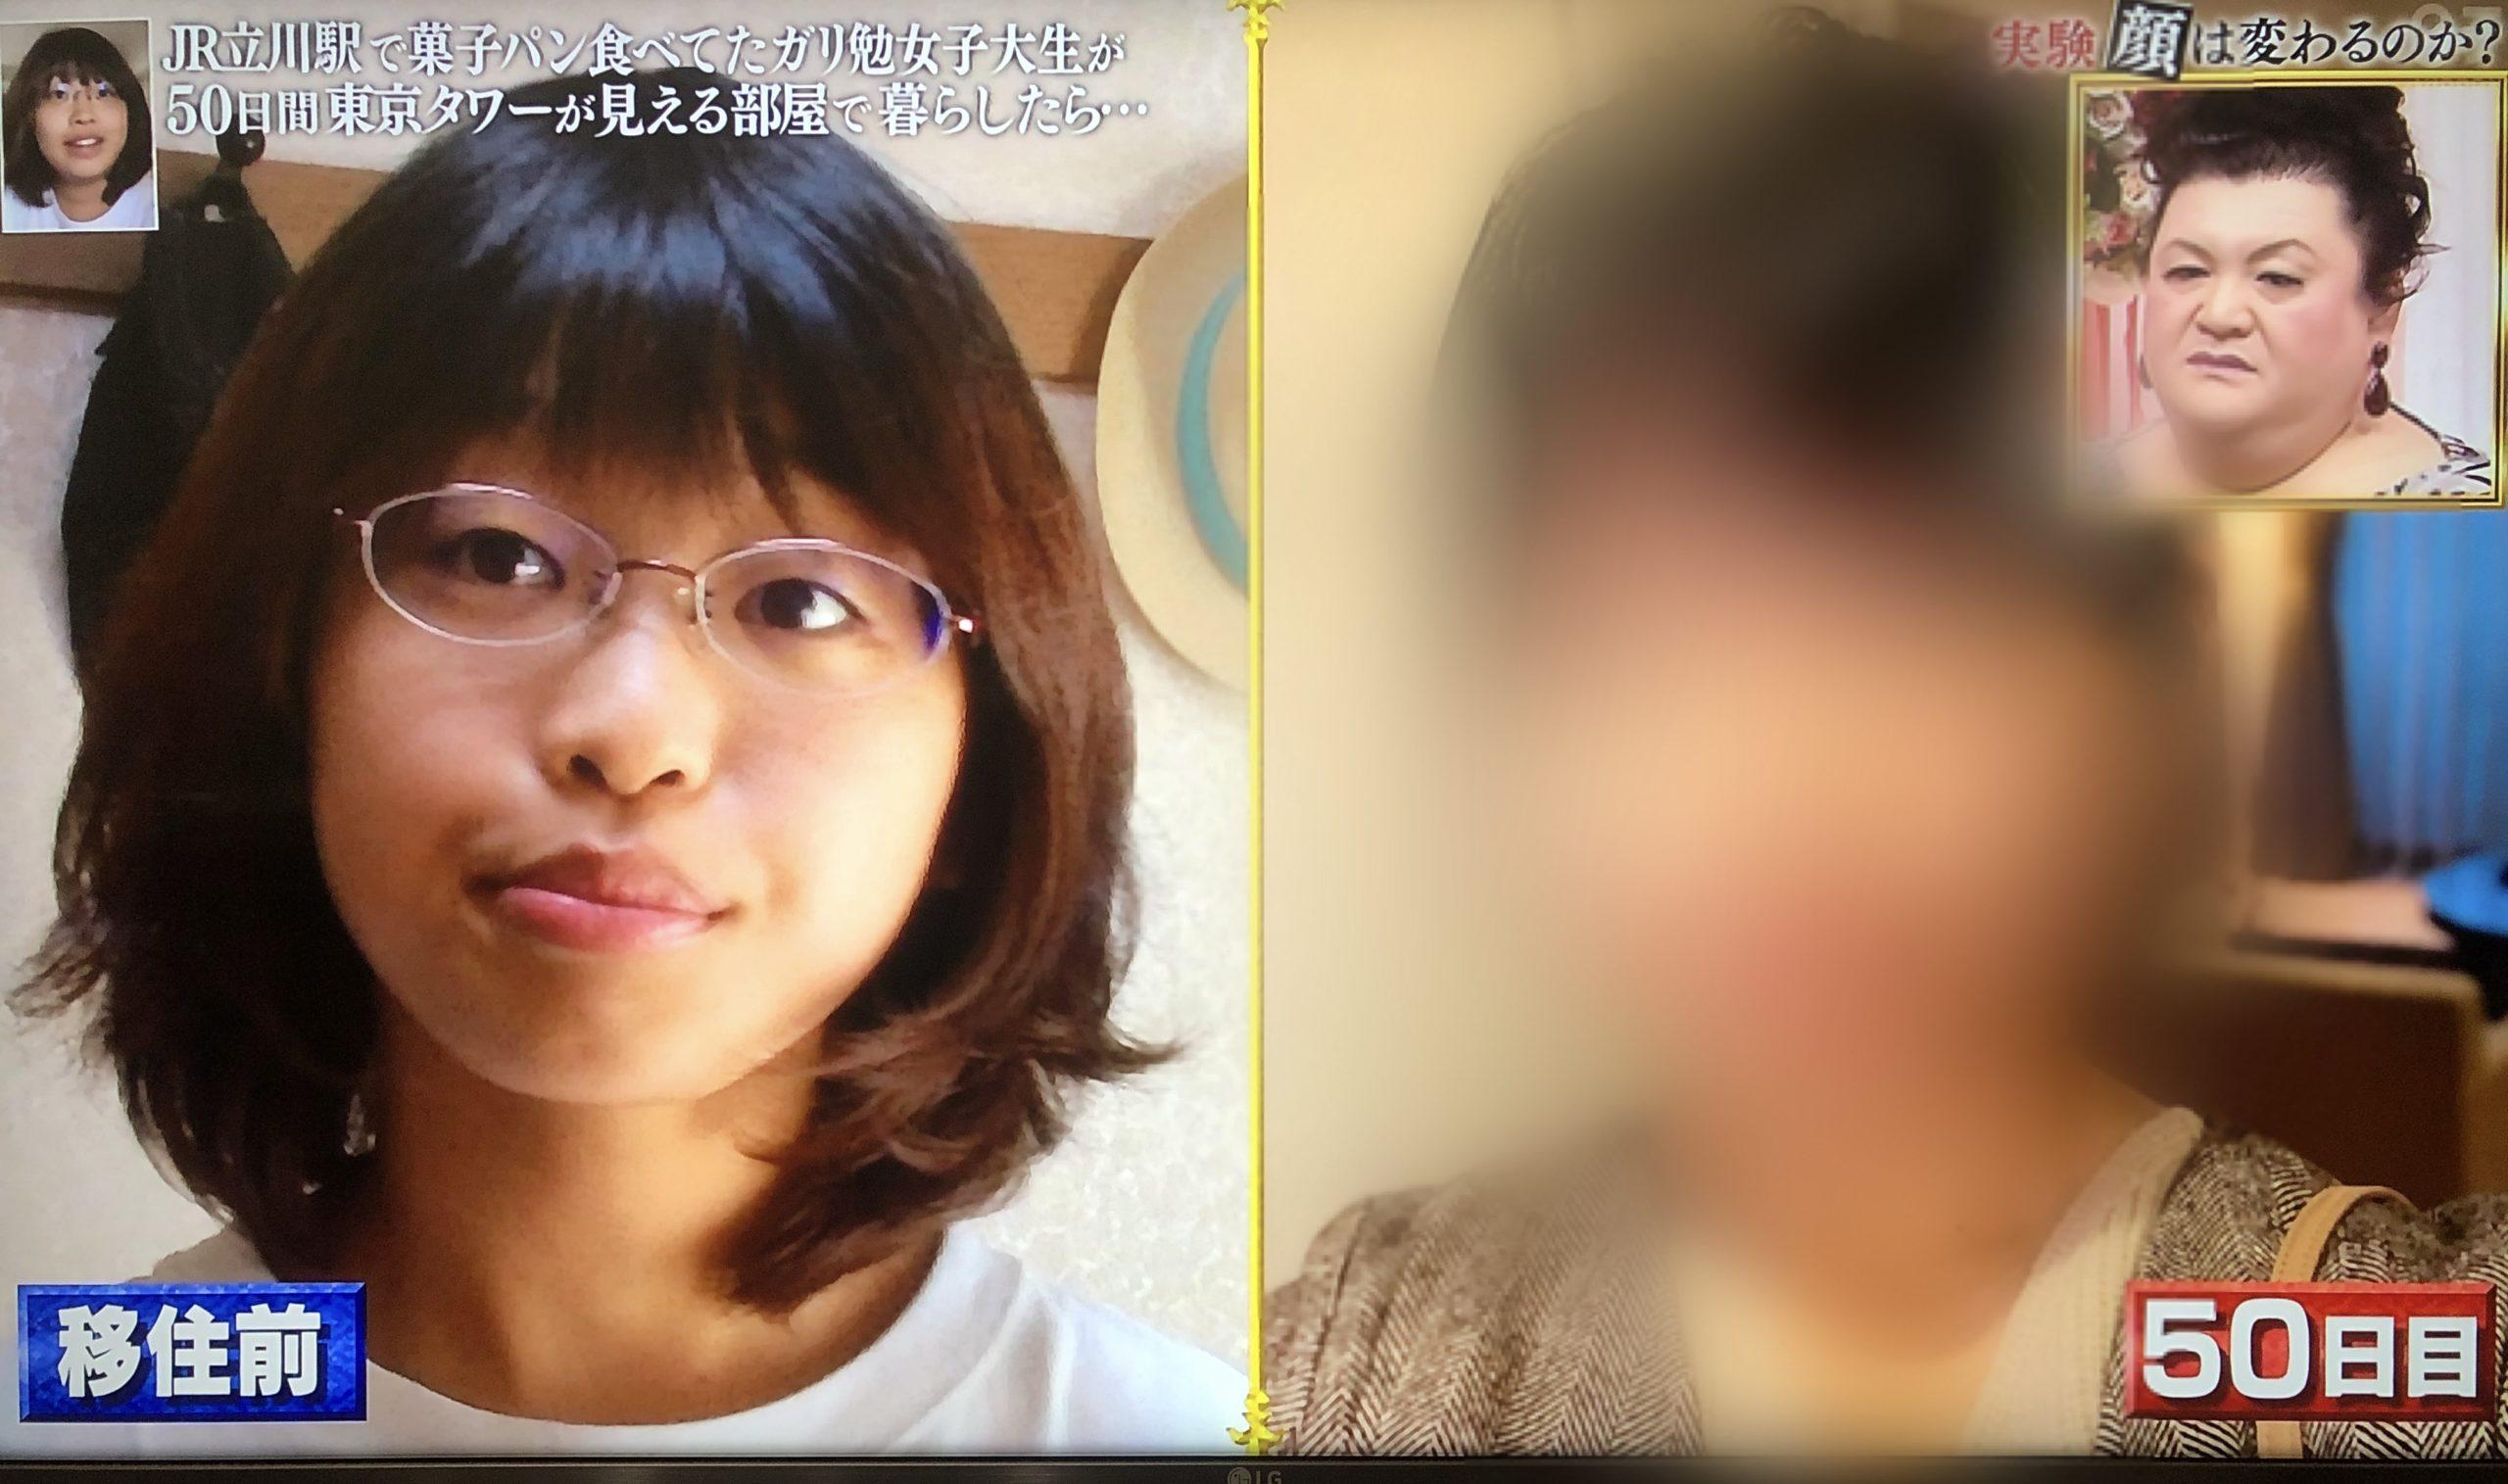 ガリ勉女子大生あきさんが東京タワーの見える部屋で50日間暮らしたら驚きの姿に!